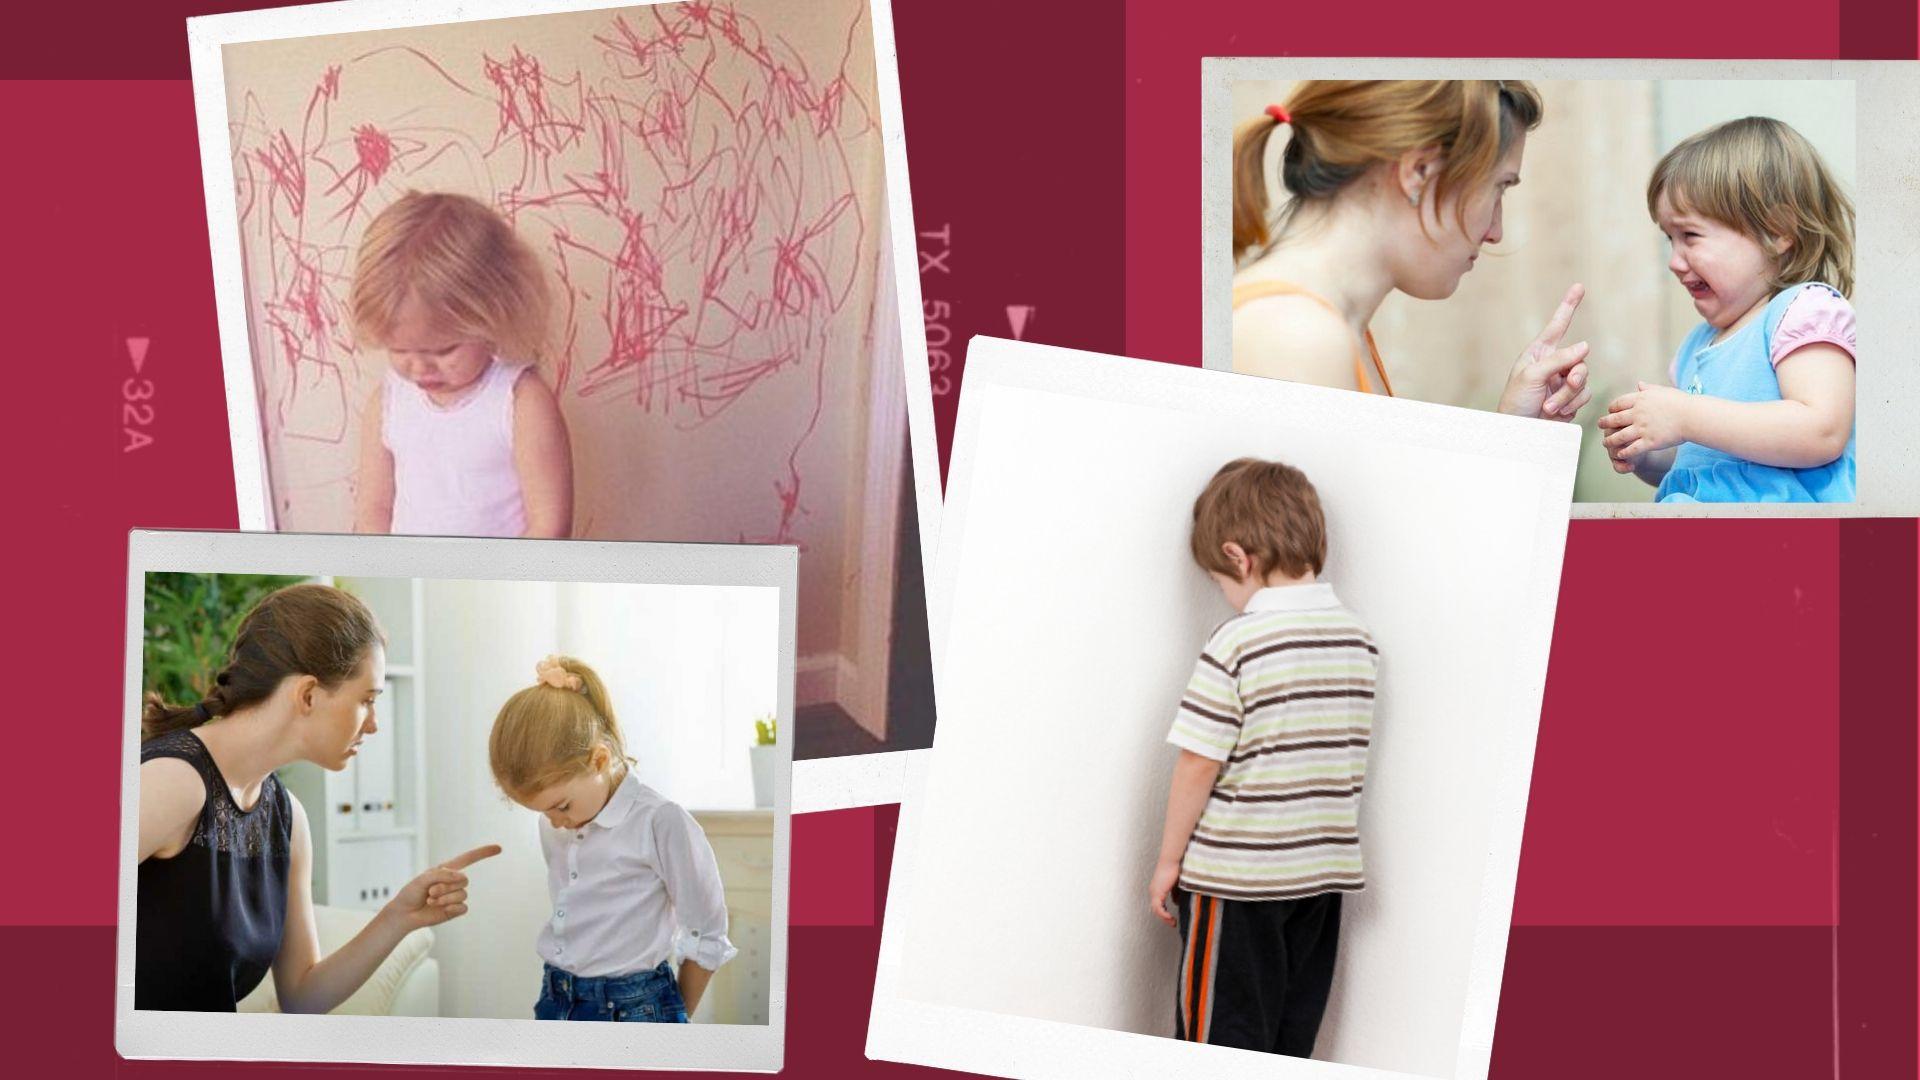 Cât de toxică e rușinea la copii și cum putem să scăpăm de ea?